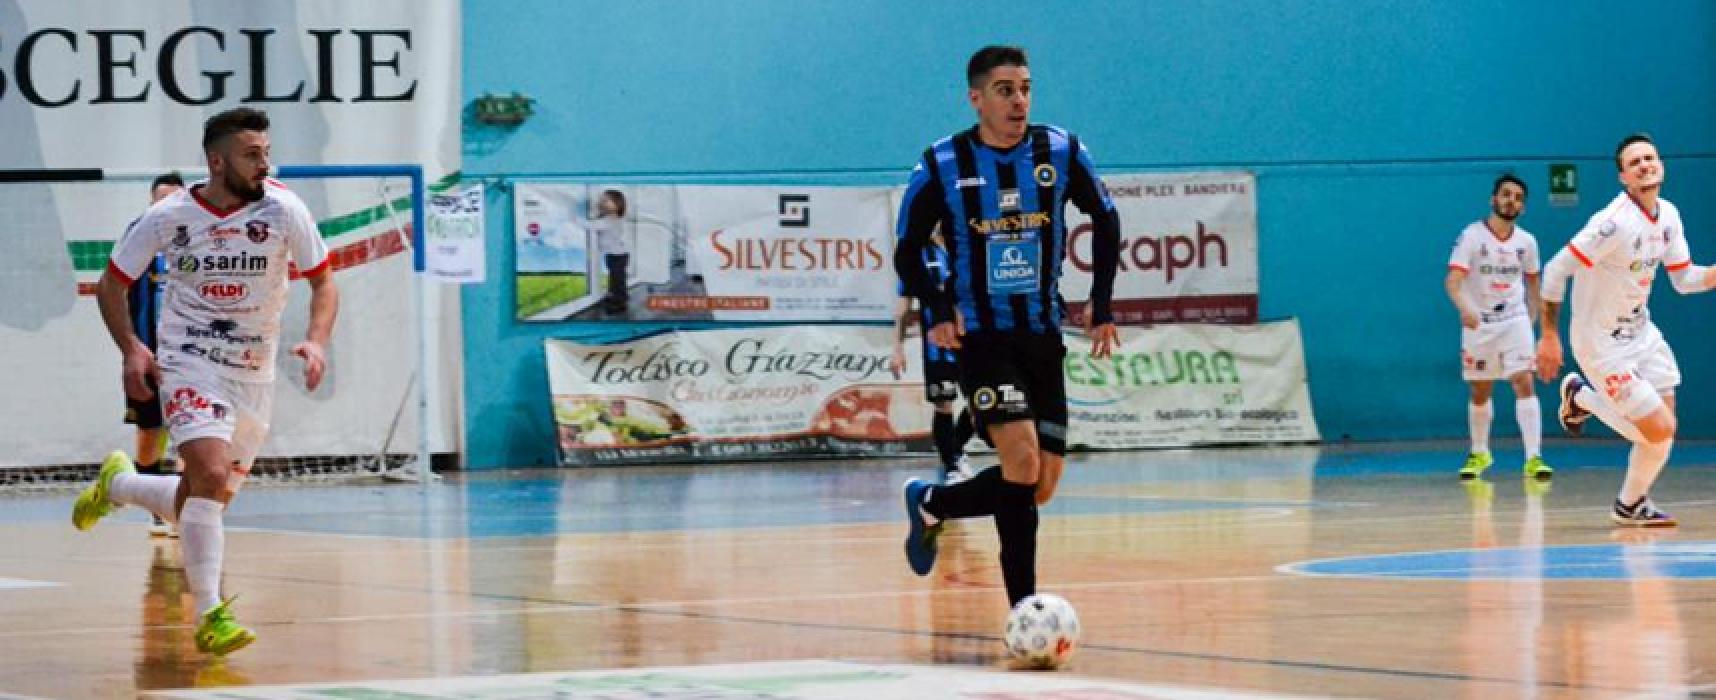 Calcio a 5 mercato: l'ex Futsal Bisceglie Ortiz approda in Belgio